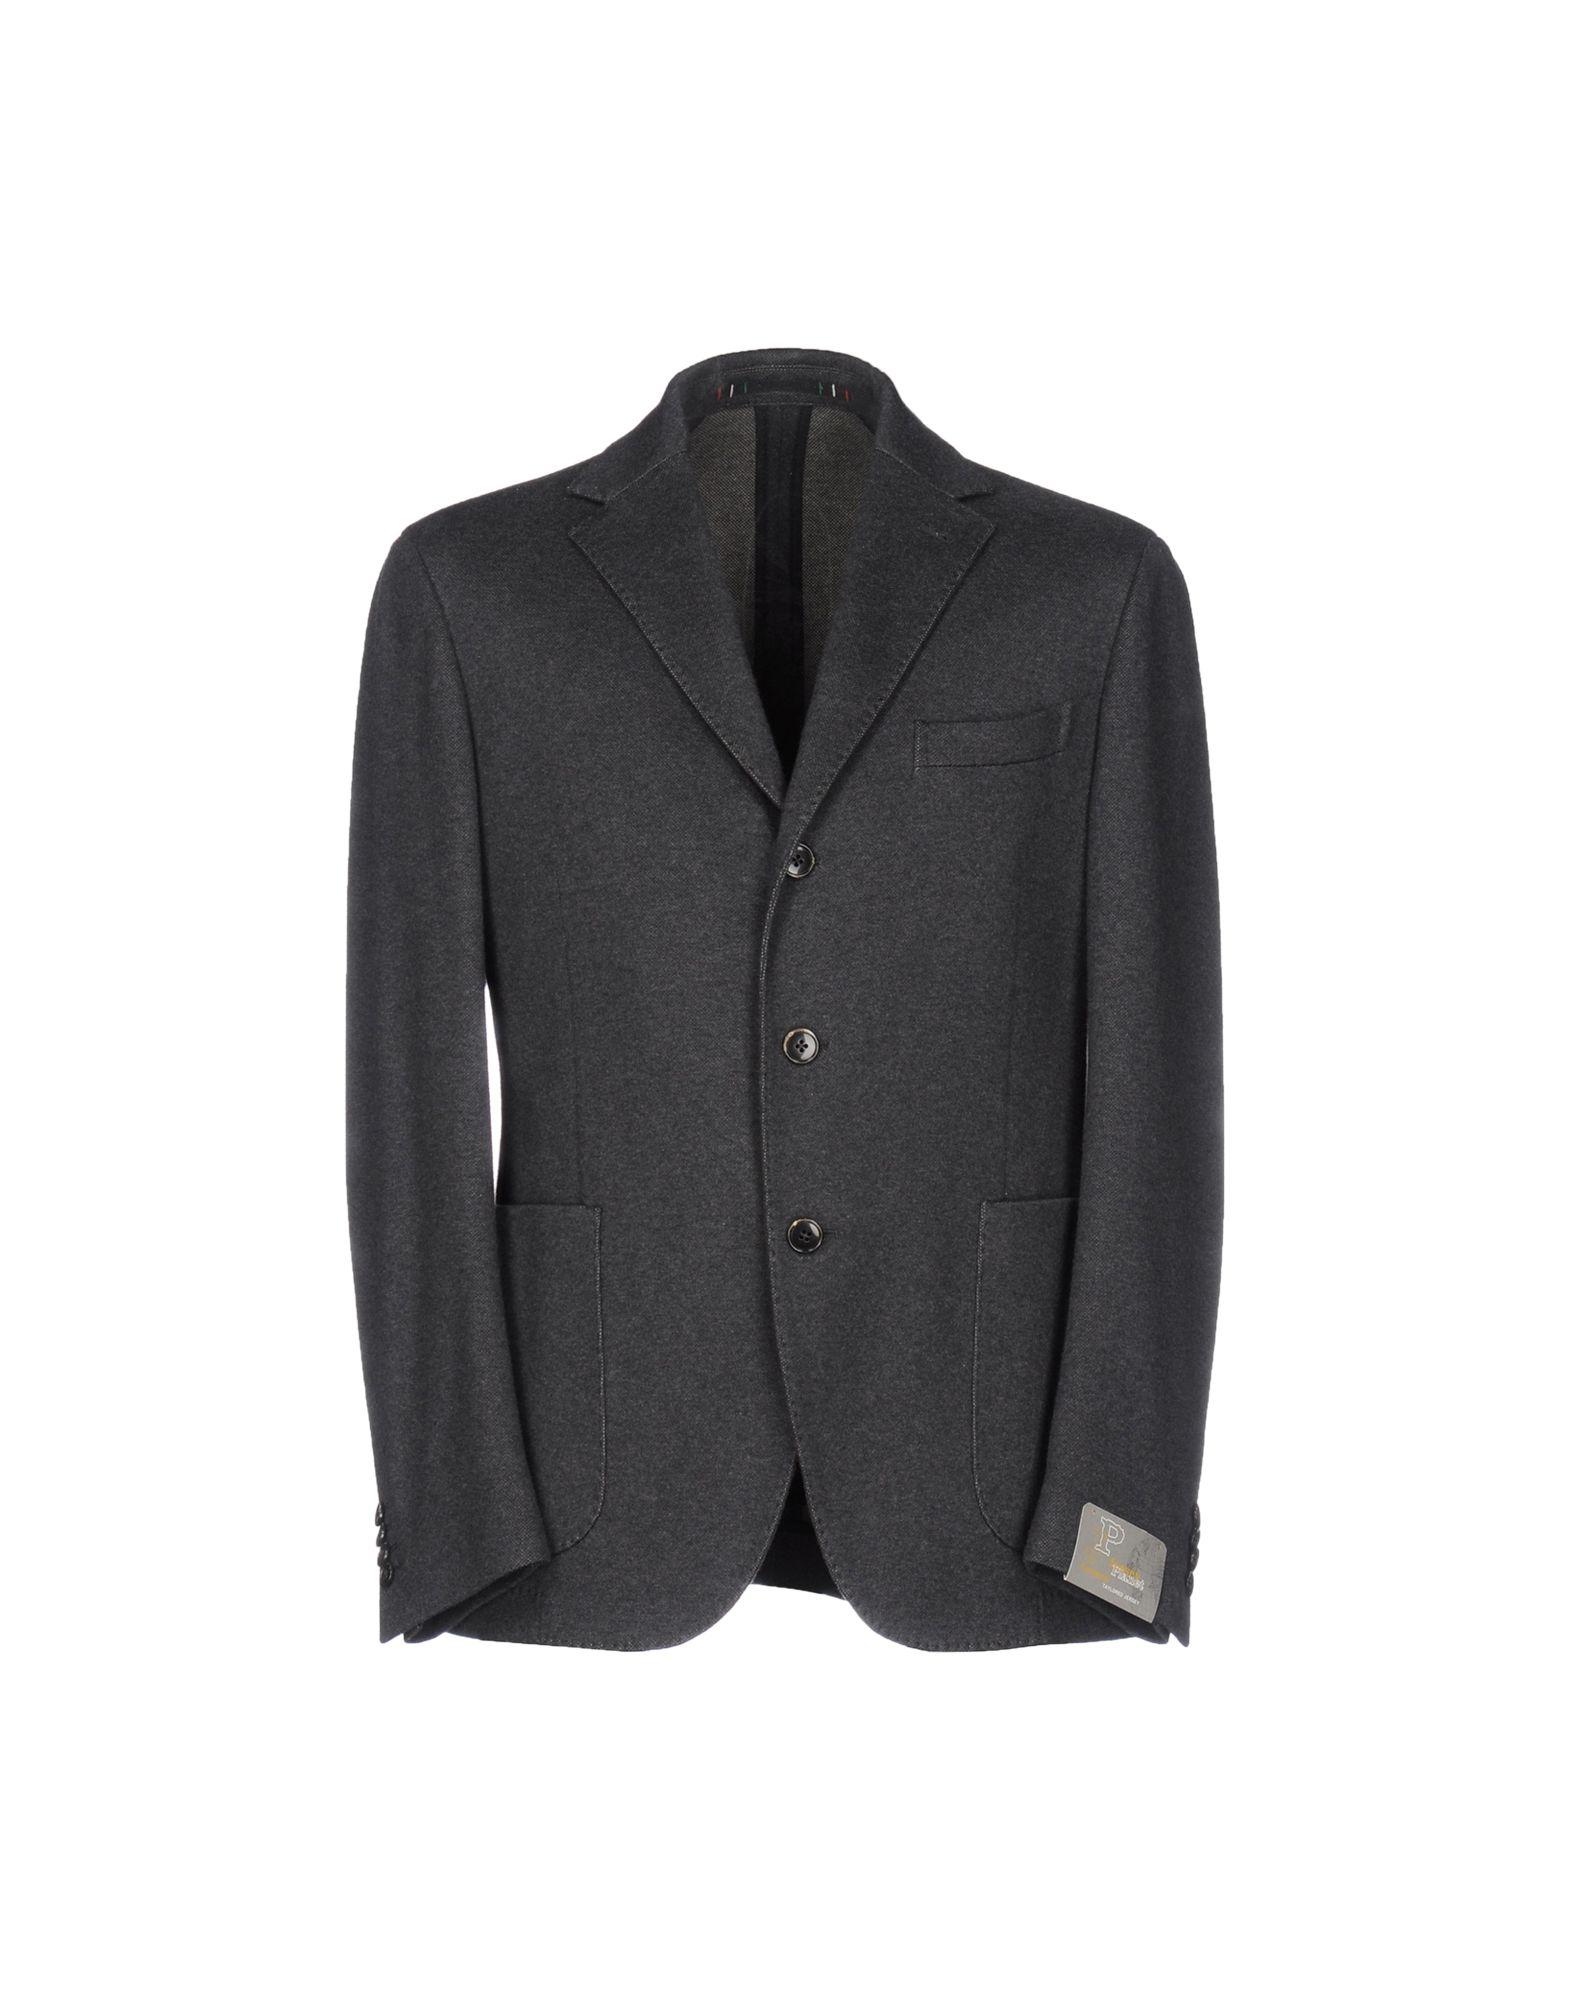 CANTARELLI JERSEY PLANET Herren Jackett Farbe Grau Größe 5 jetztbilligerkaufen